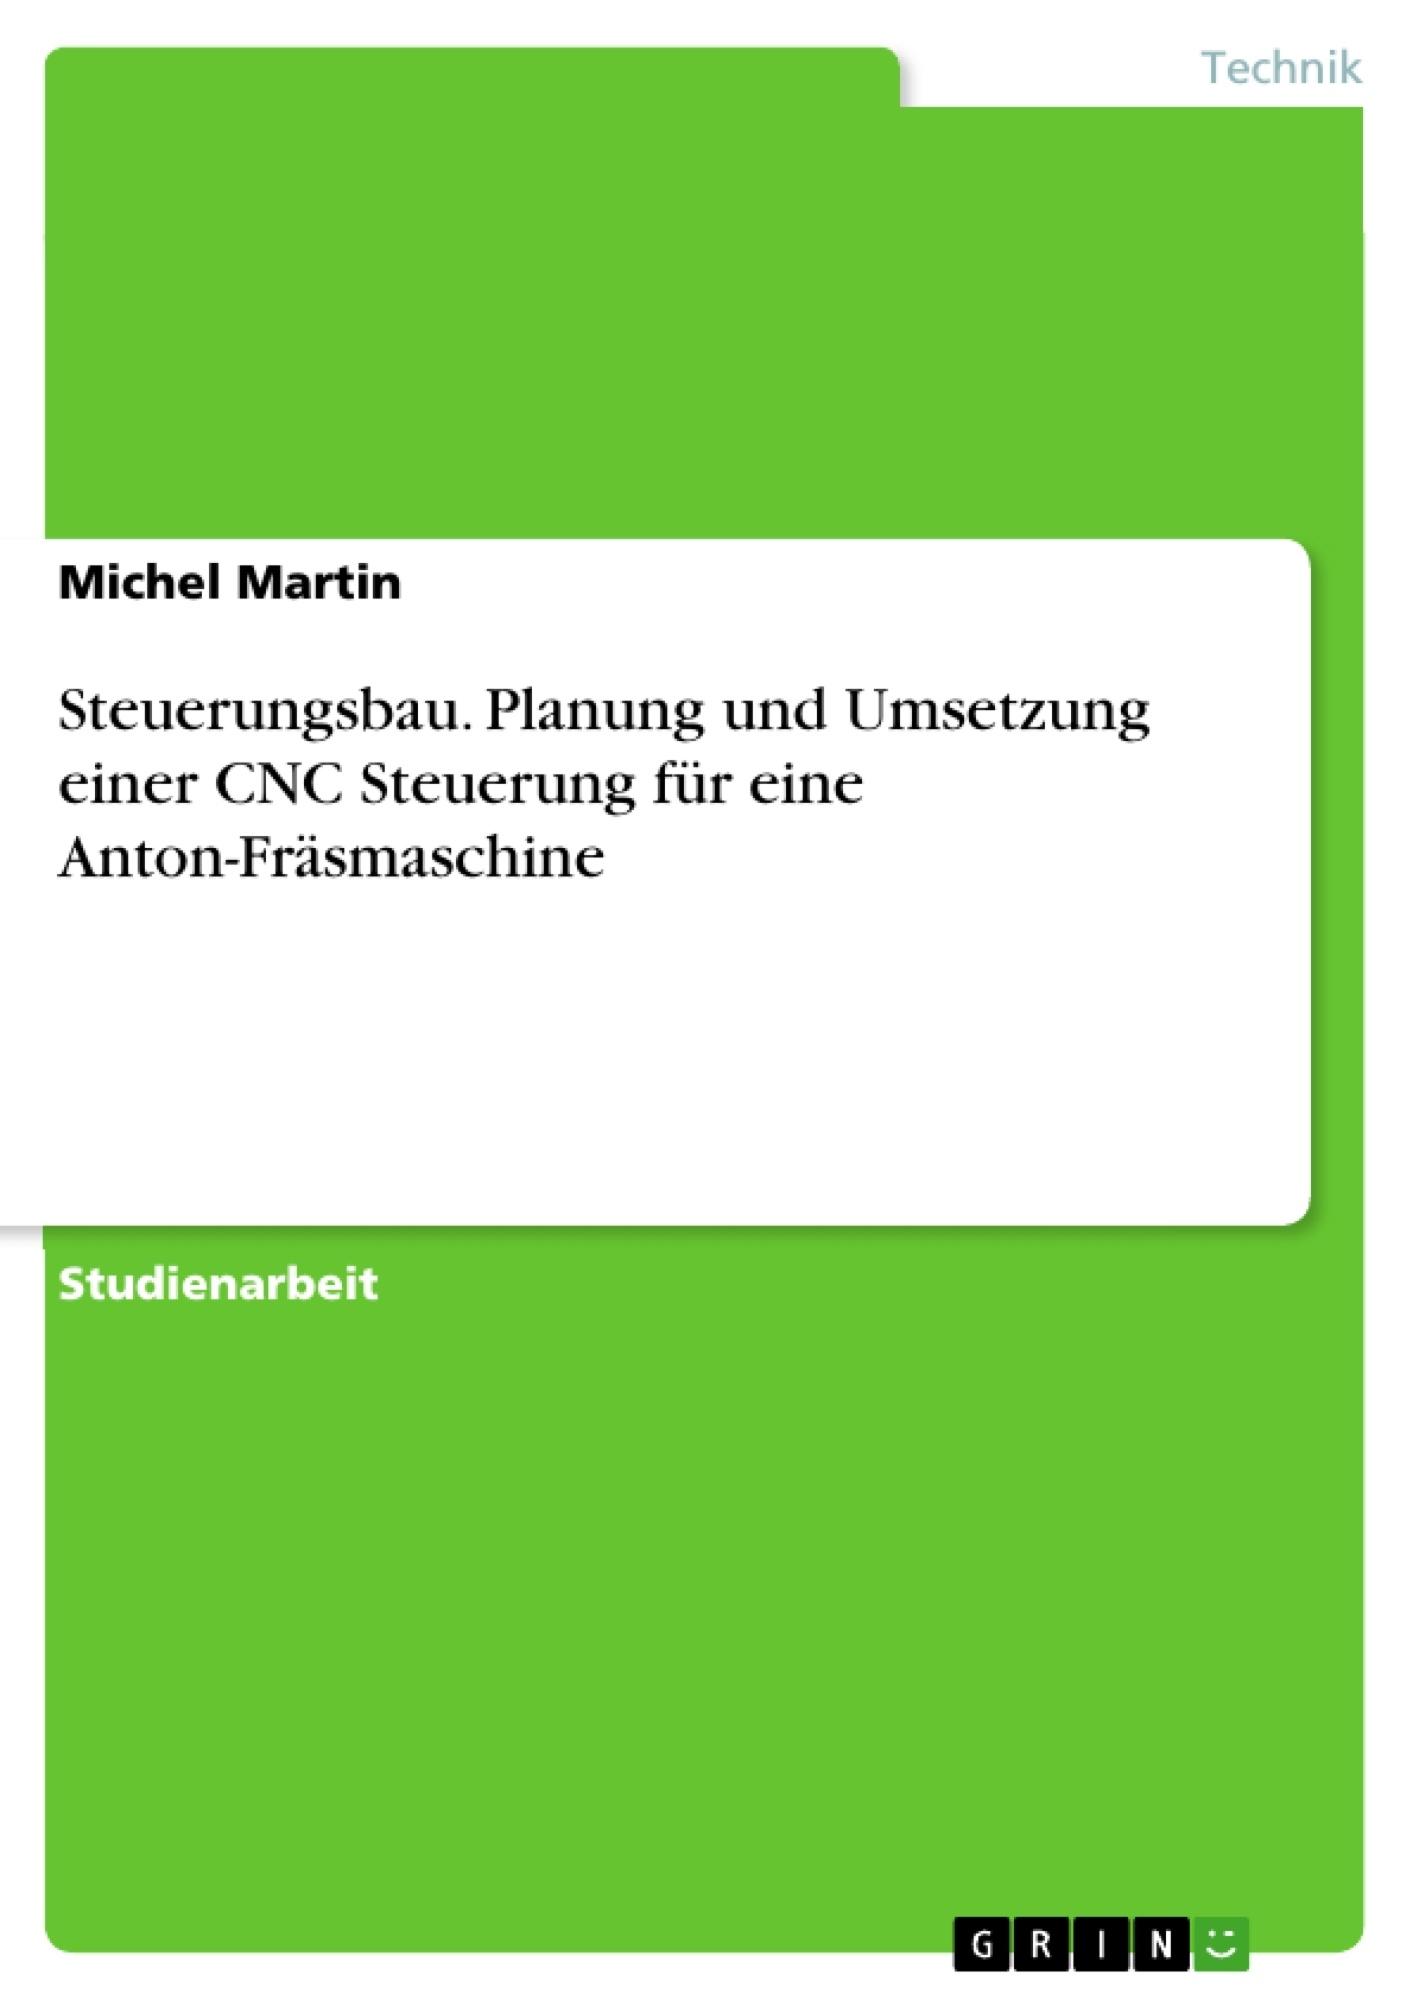 Titel: Steuerungsbau. Planung und Umsetzung einer CNC Steuerung für eine Anton-Fräsmaschine